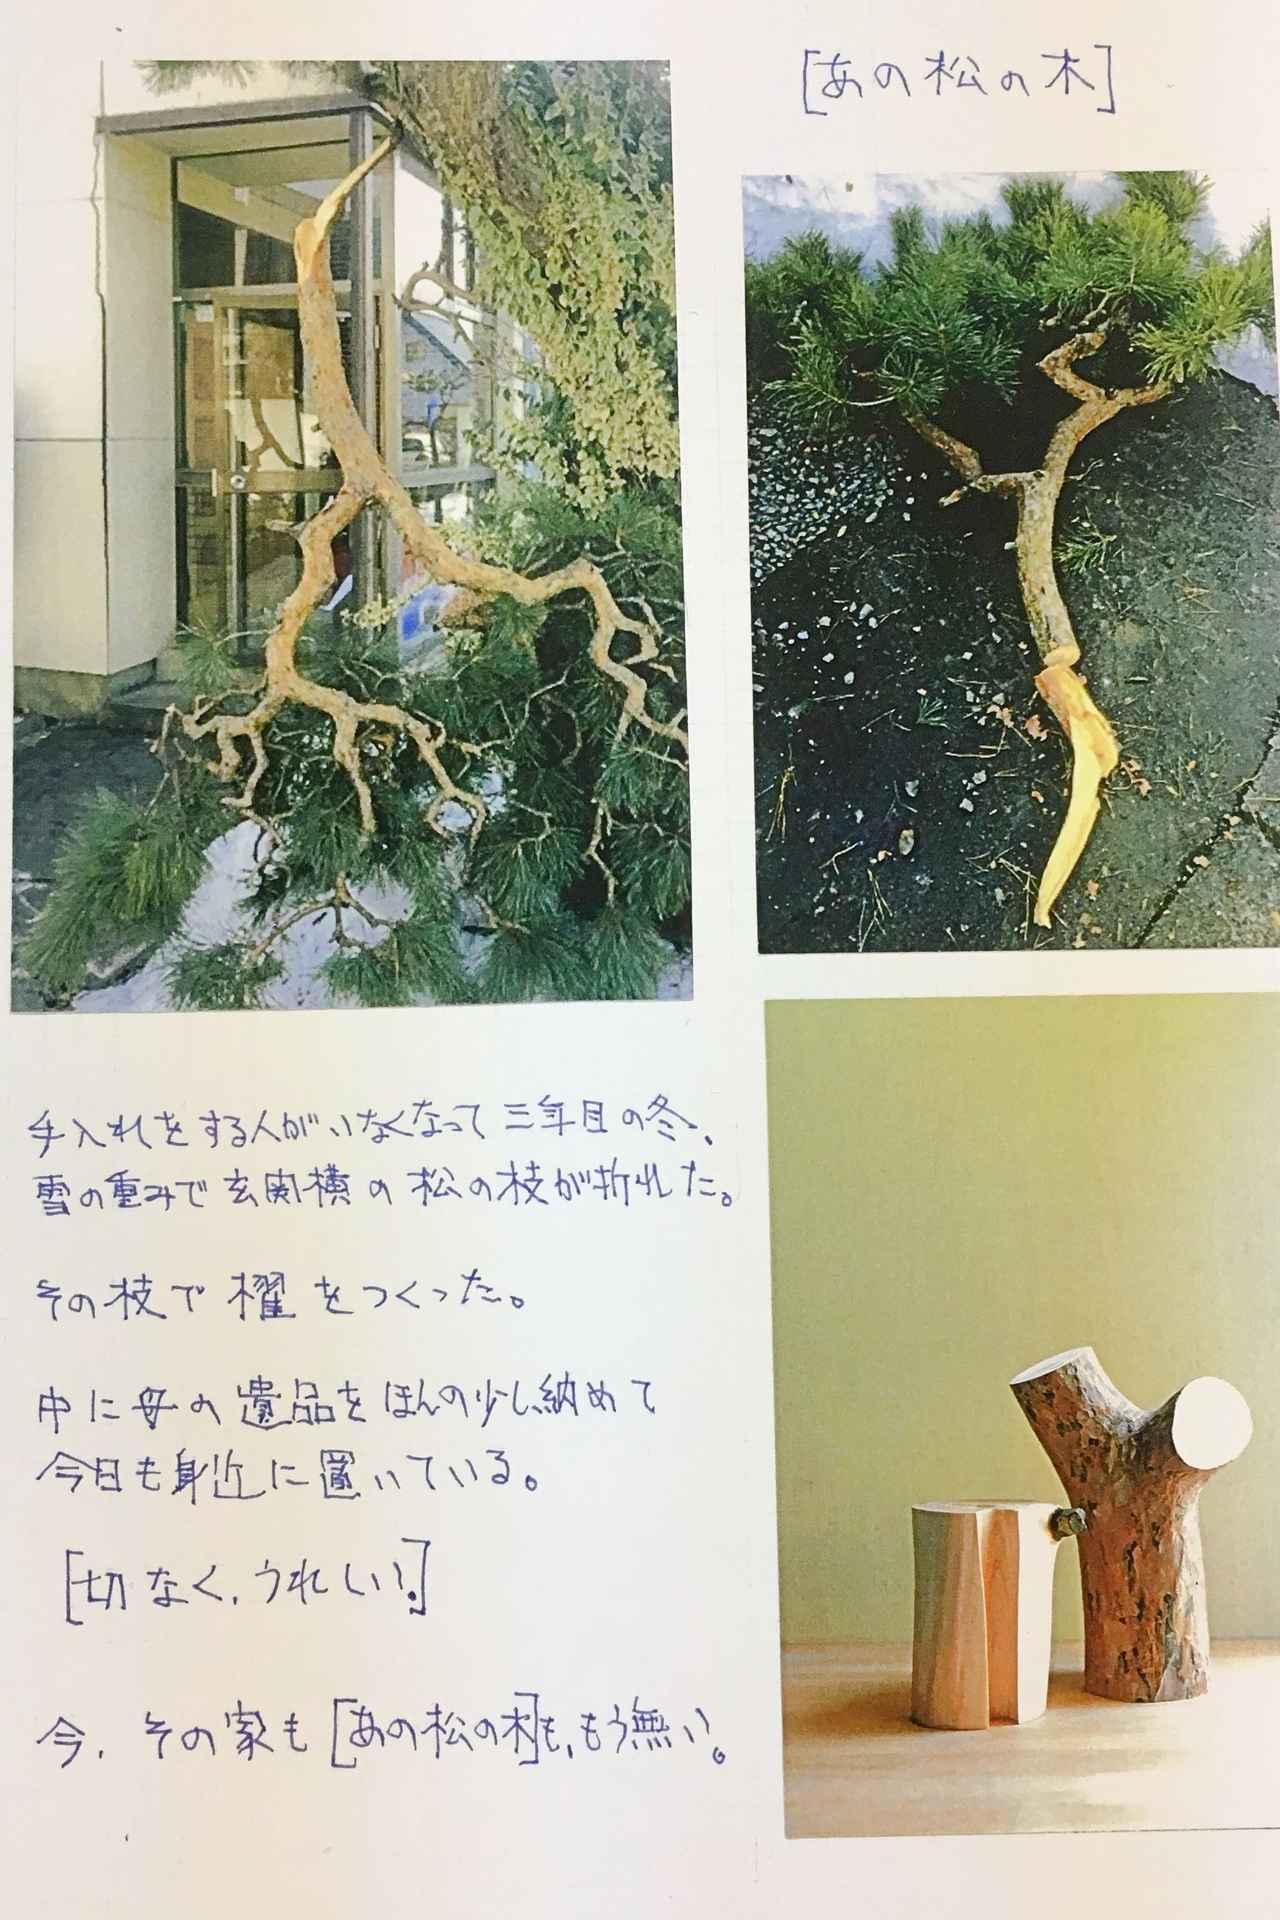 画像: 手入れをする人がいなくなって三年目の冬。 雪の重みで、玄関横の松の枝が折れた。 その枝で櫂を作った。 中に母の遺品をほんの少し納めて 今日も身近に置いている。 [切なく、うれしい。] 今、その家も [あの松の木] も、もう無い。